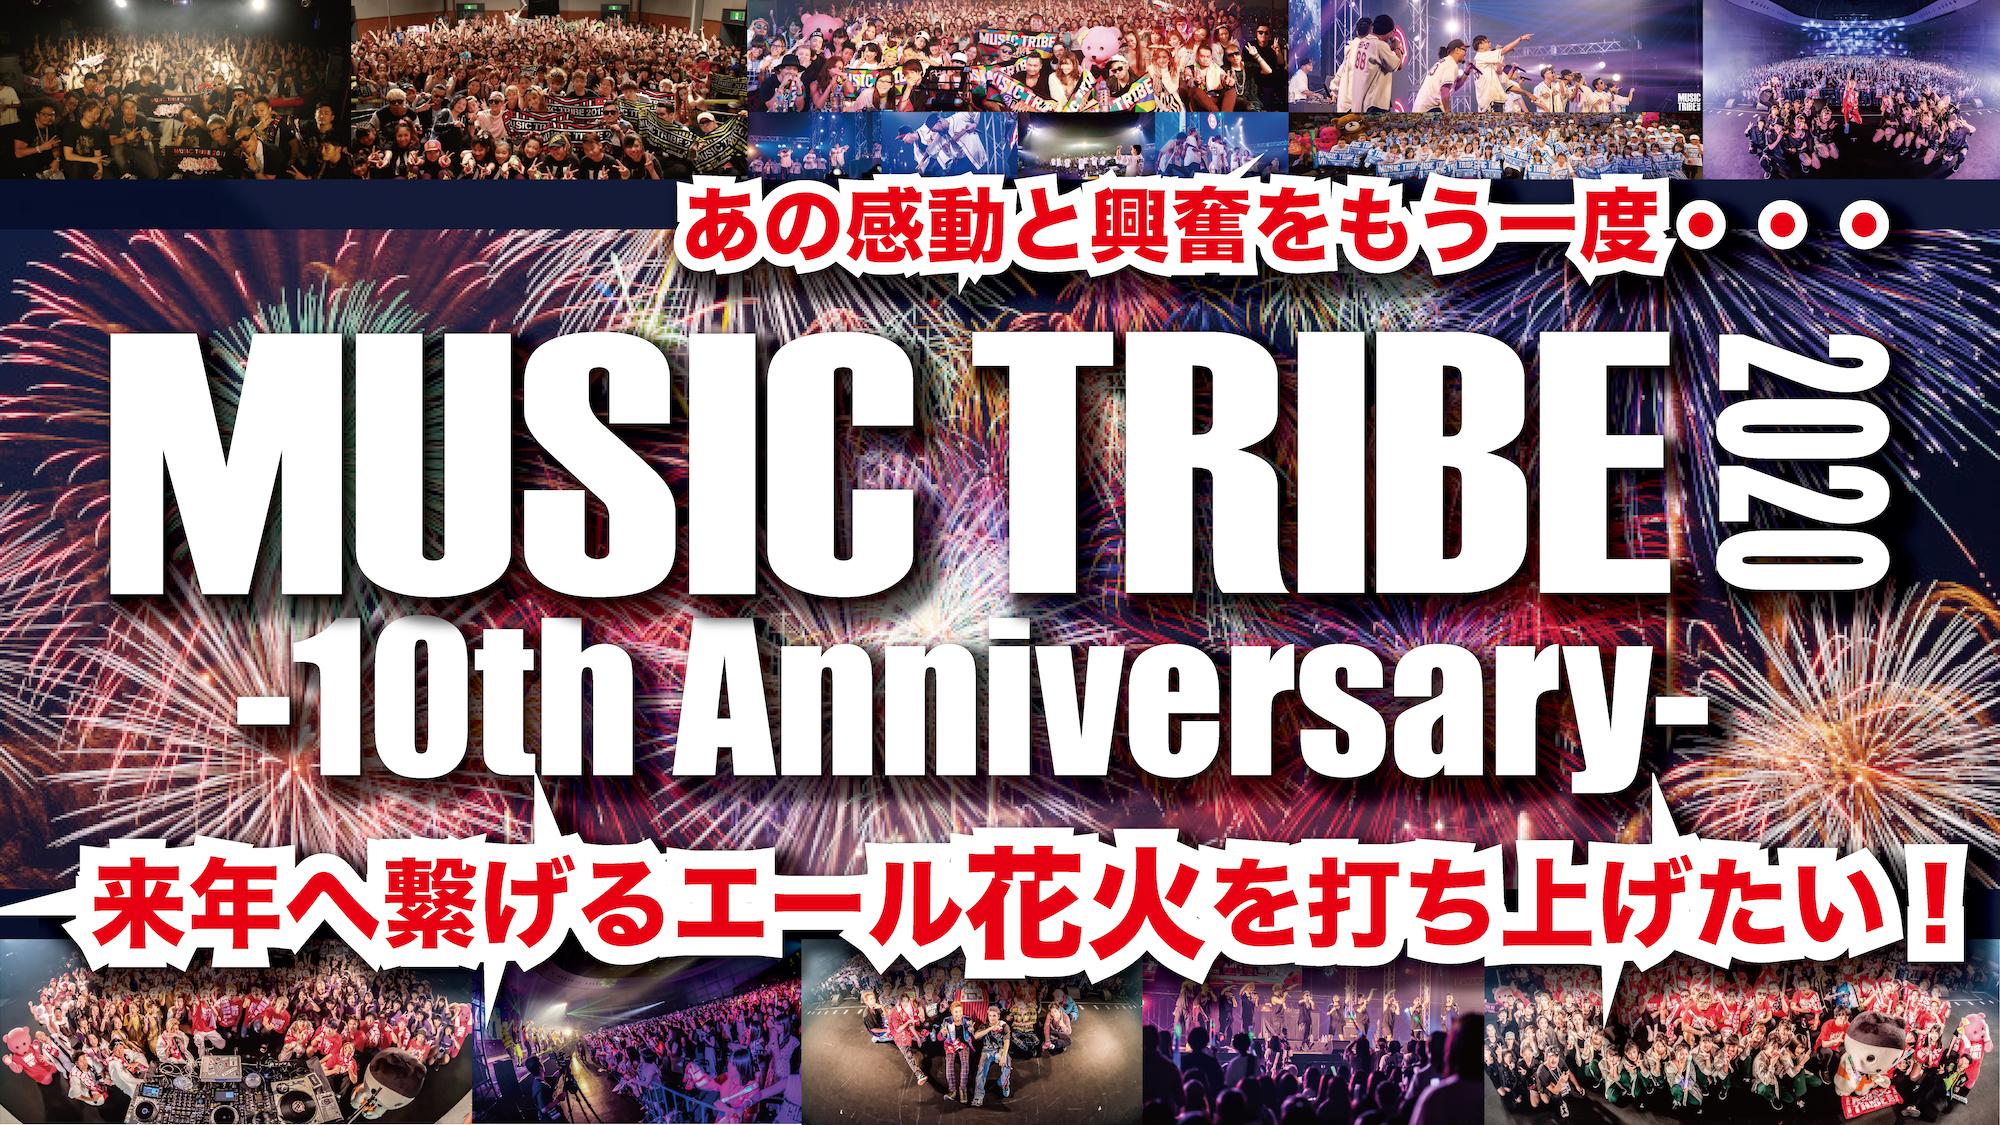 【MUSIC TRIBE 2020-10th Anniversary-】延期となってしまったフェス開催を楽しみにしている皆さんと一緒に花火を打ち上げたい!